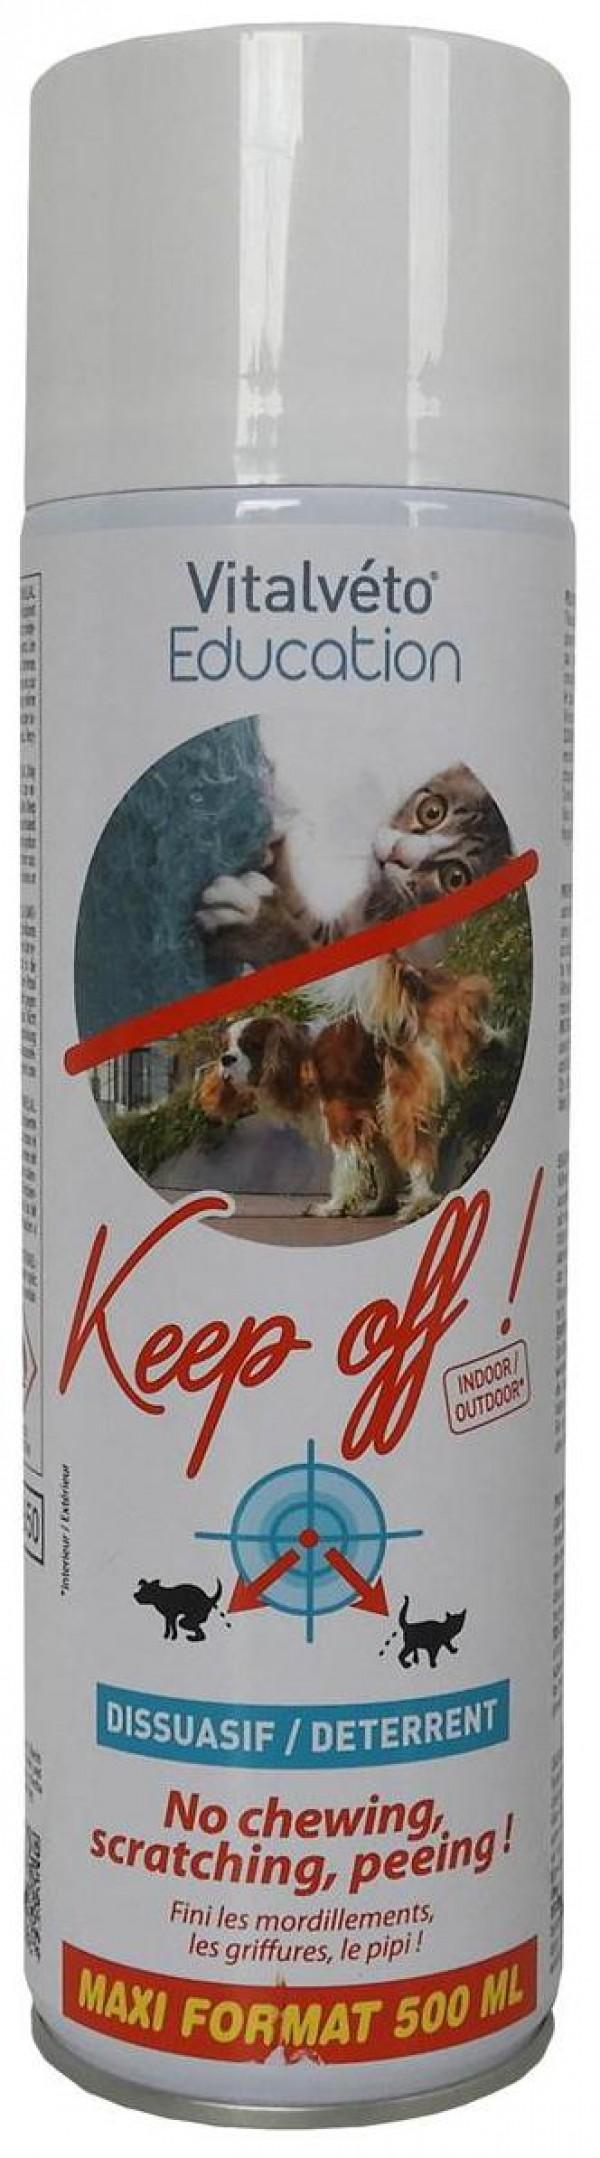 VitalVeto Get Off sprej za edukaciju-odbija pse i mačke 500ml